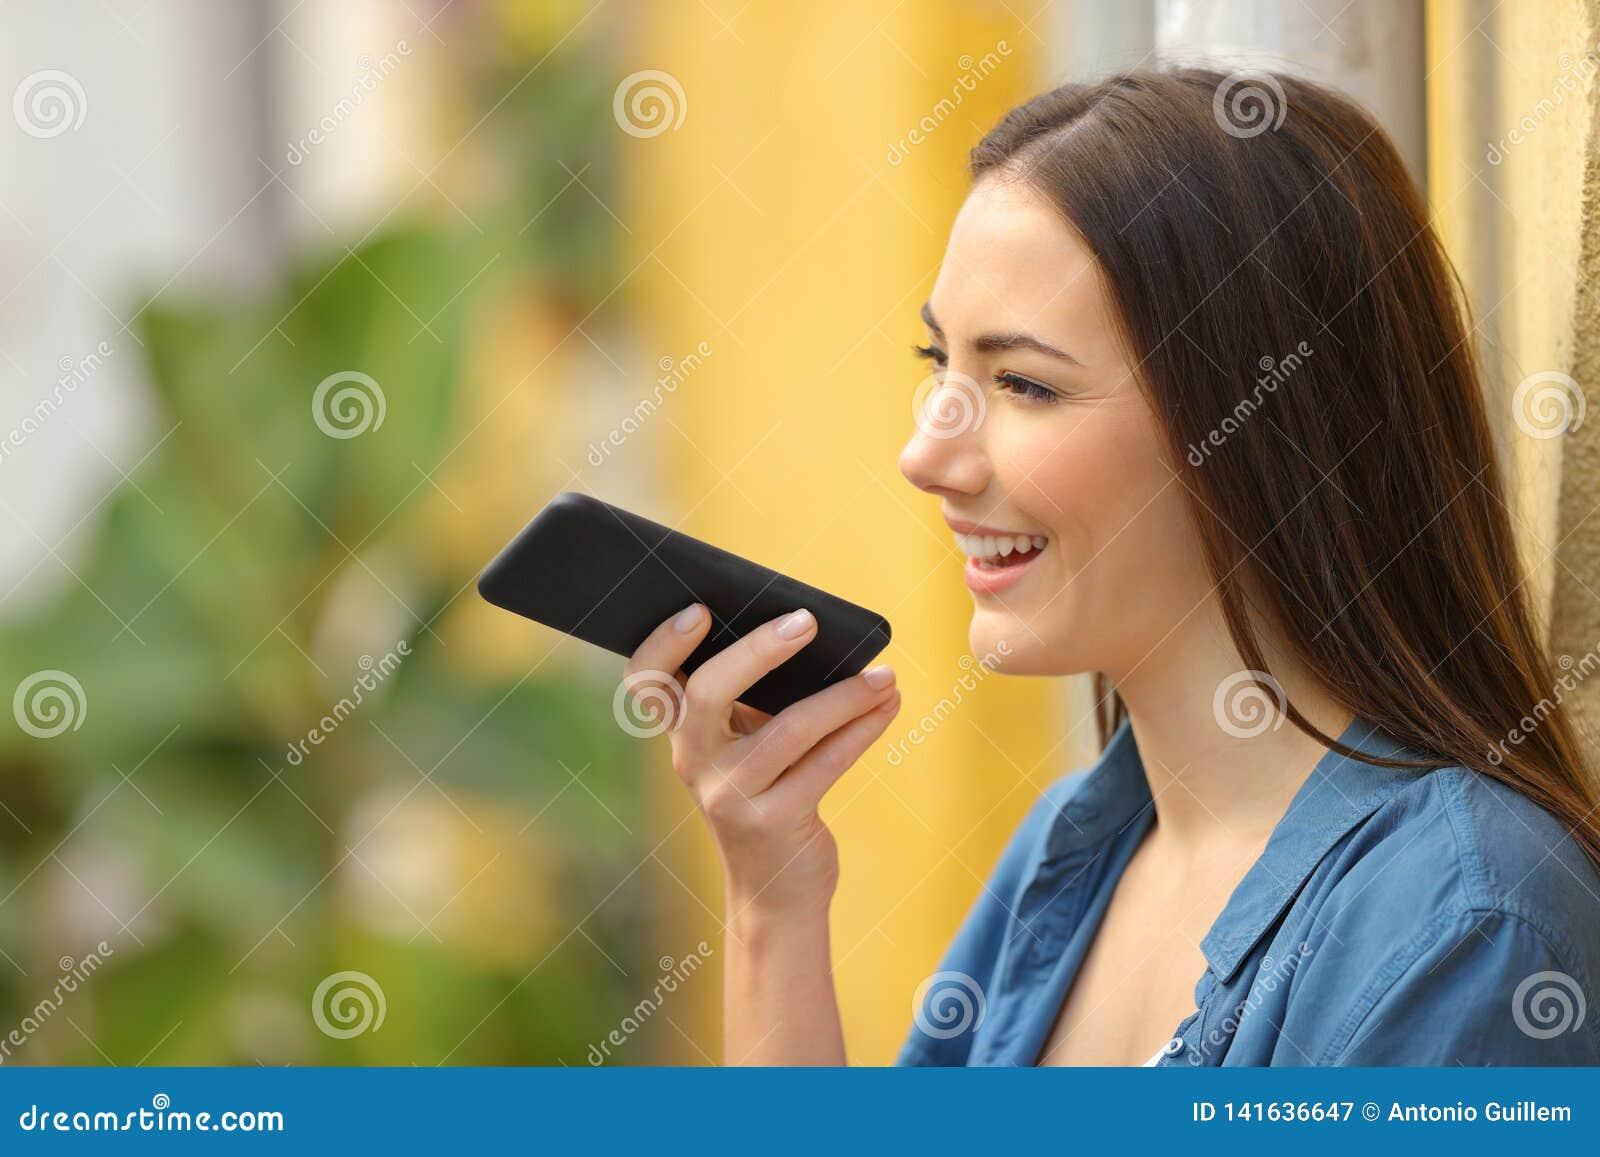 Девушка используя опознавание голоса по телефону в красочной улице